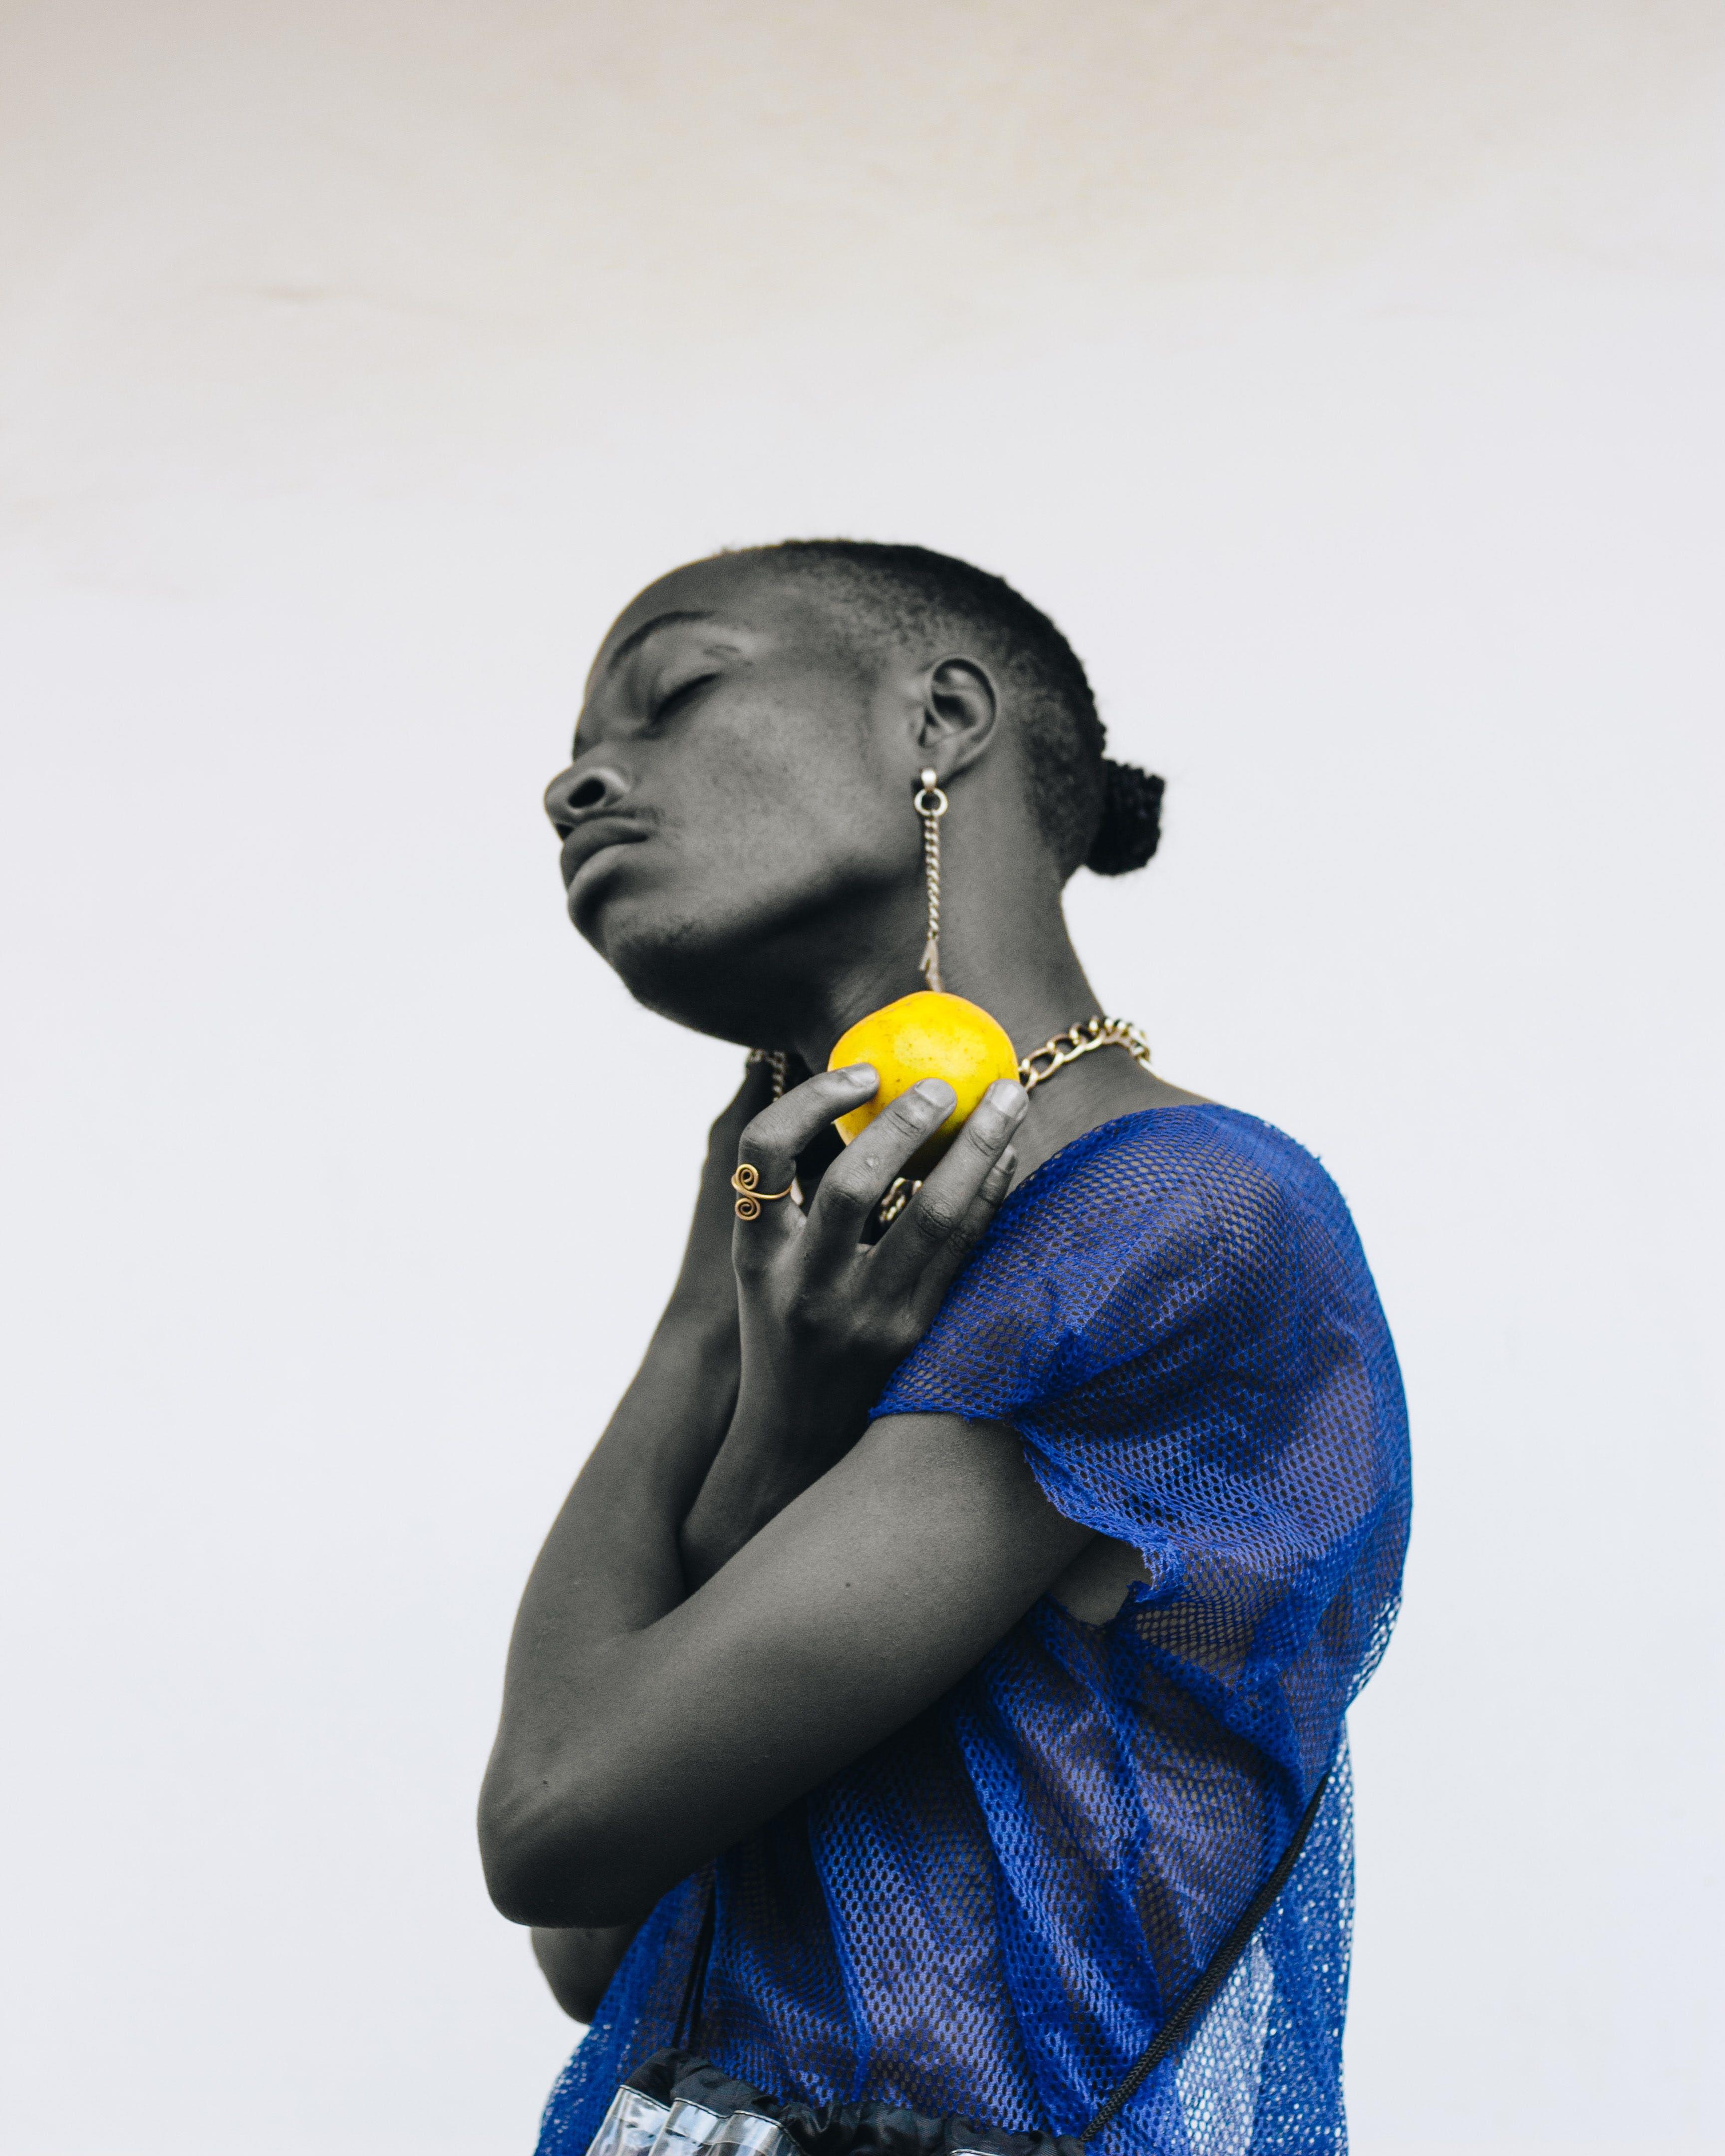 africký, Afrika, moderní umění